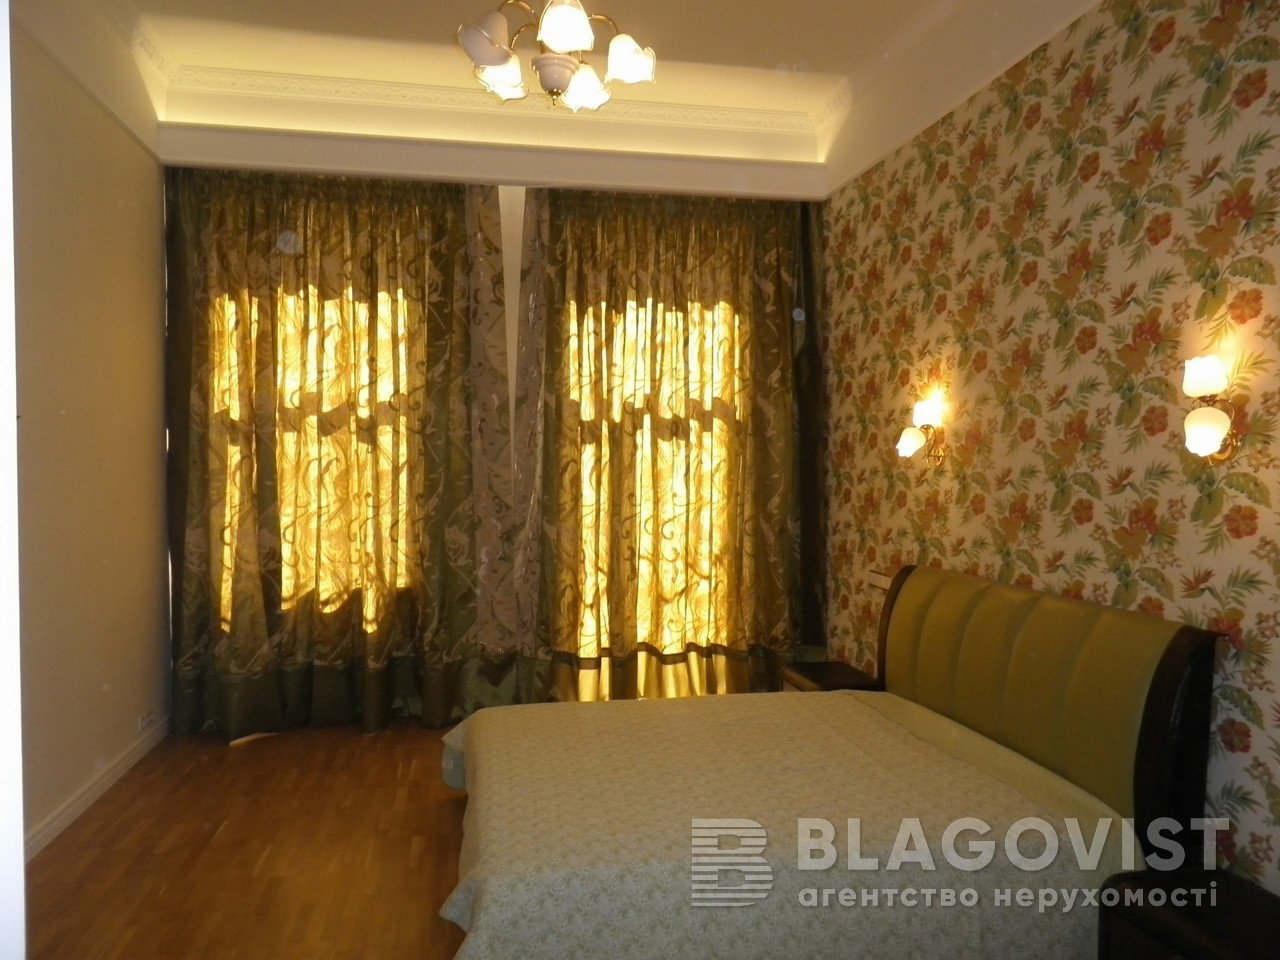 Квартира F-33911, Сагайдачного Петра, 8, Киев - Фото 7